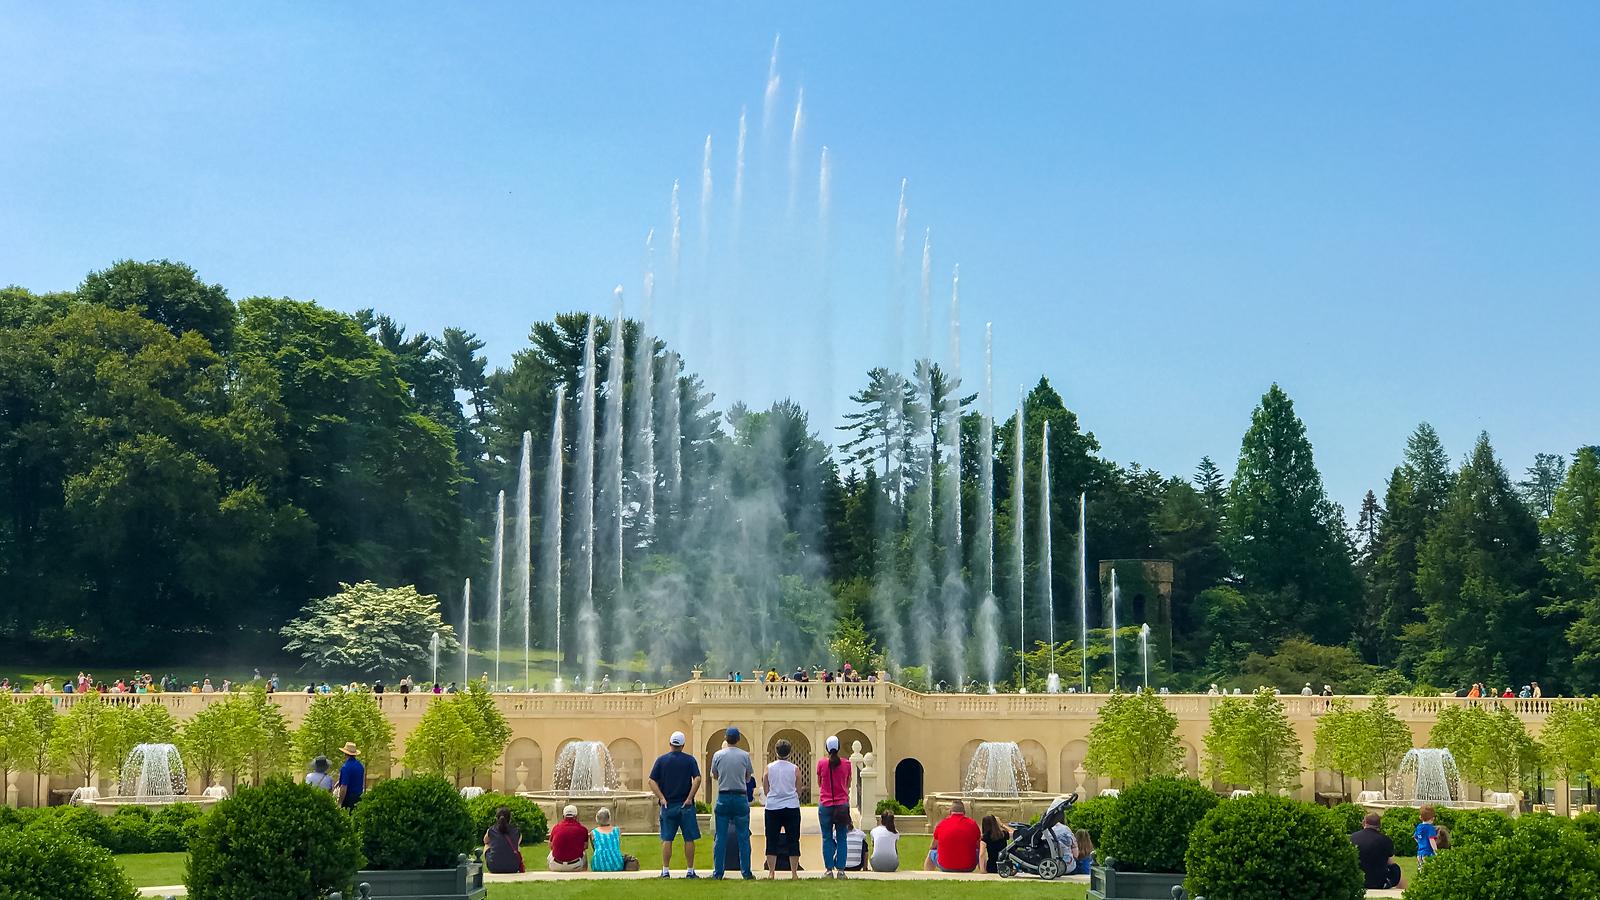 新喷泉新面貌,费城长木公园